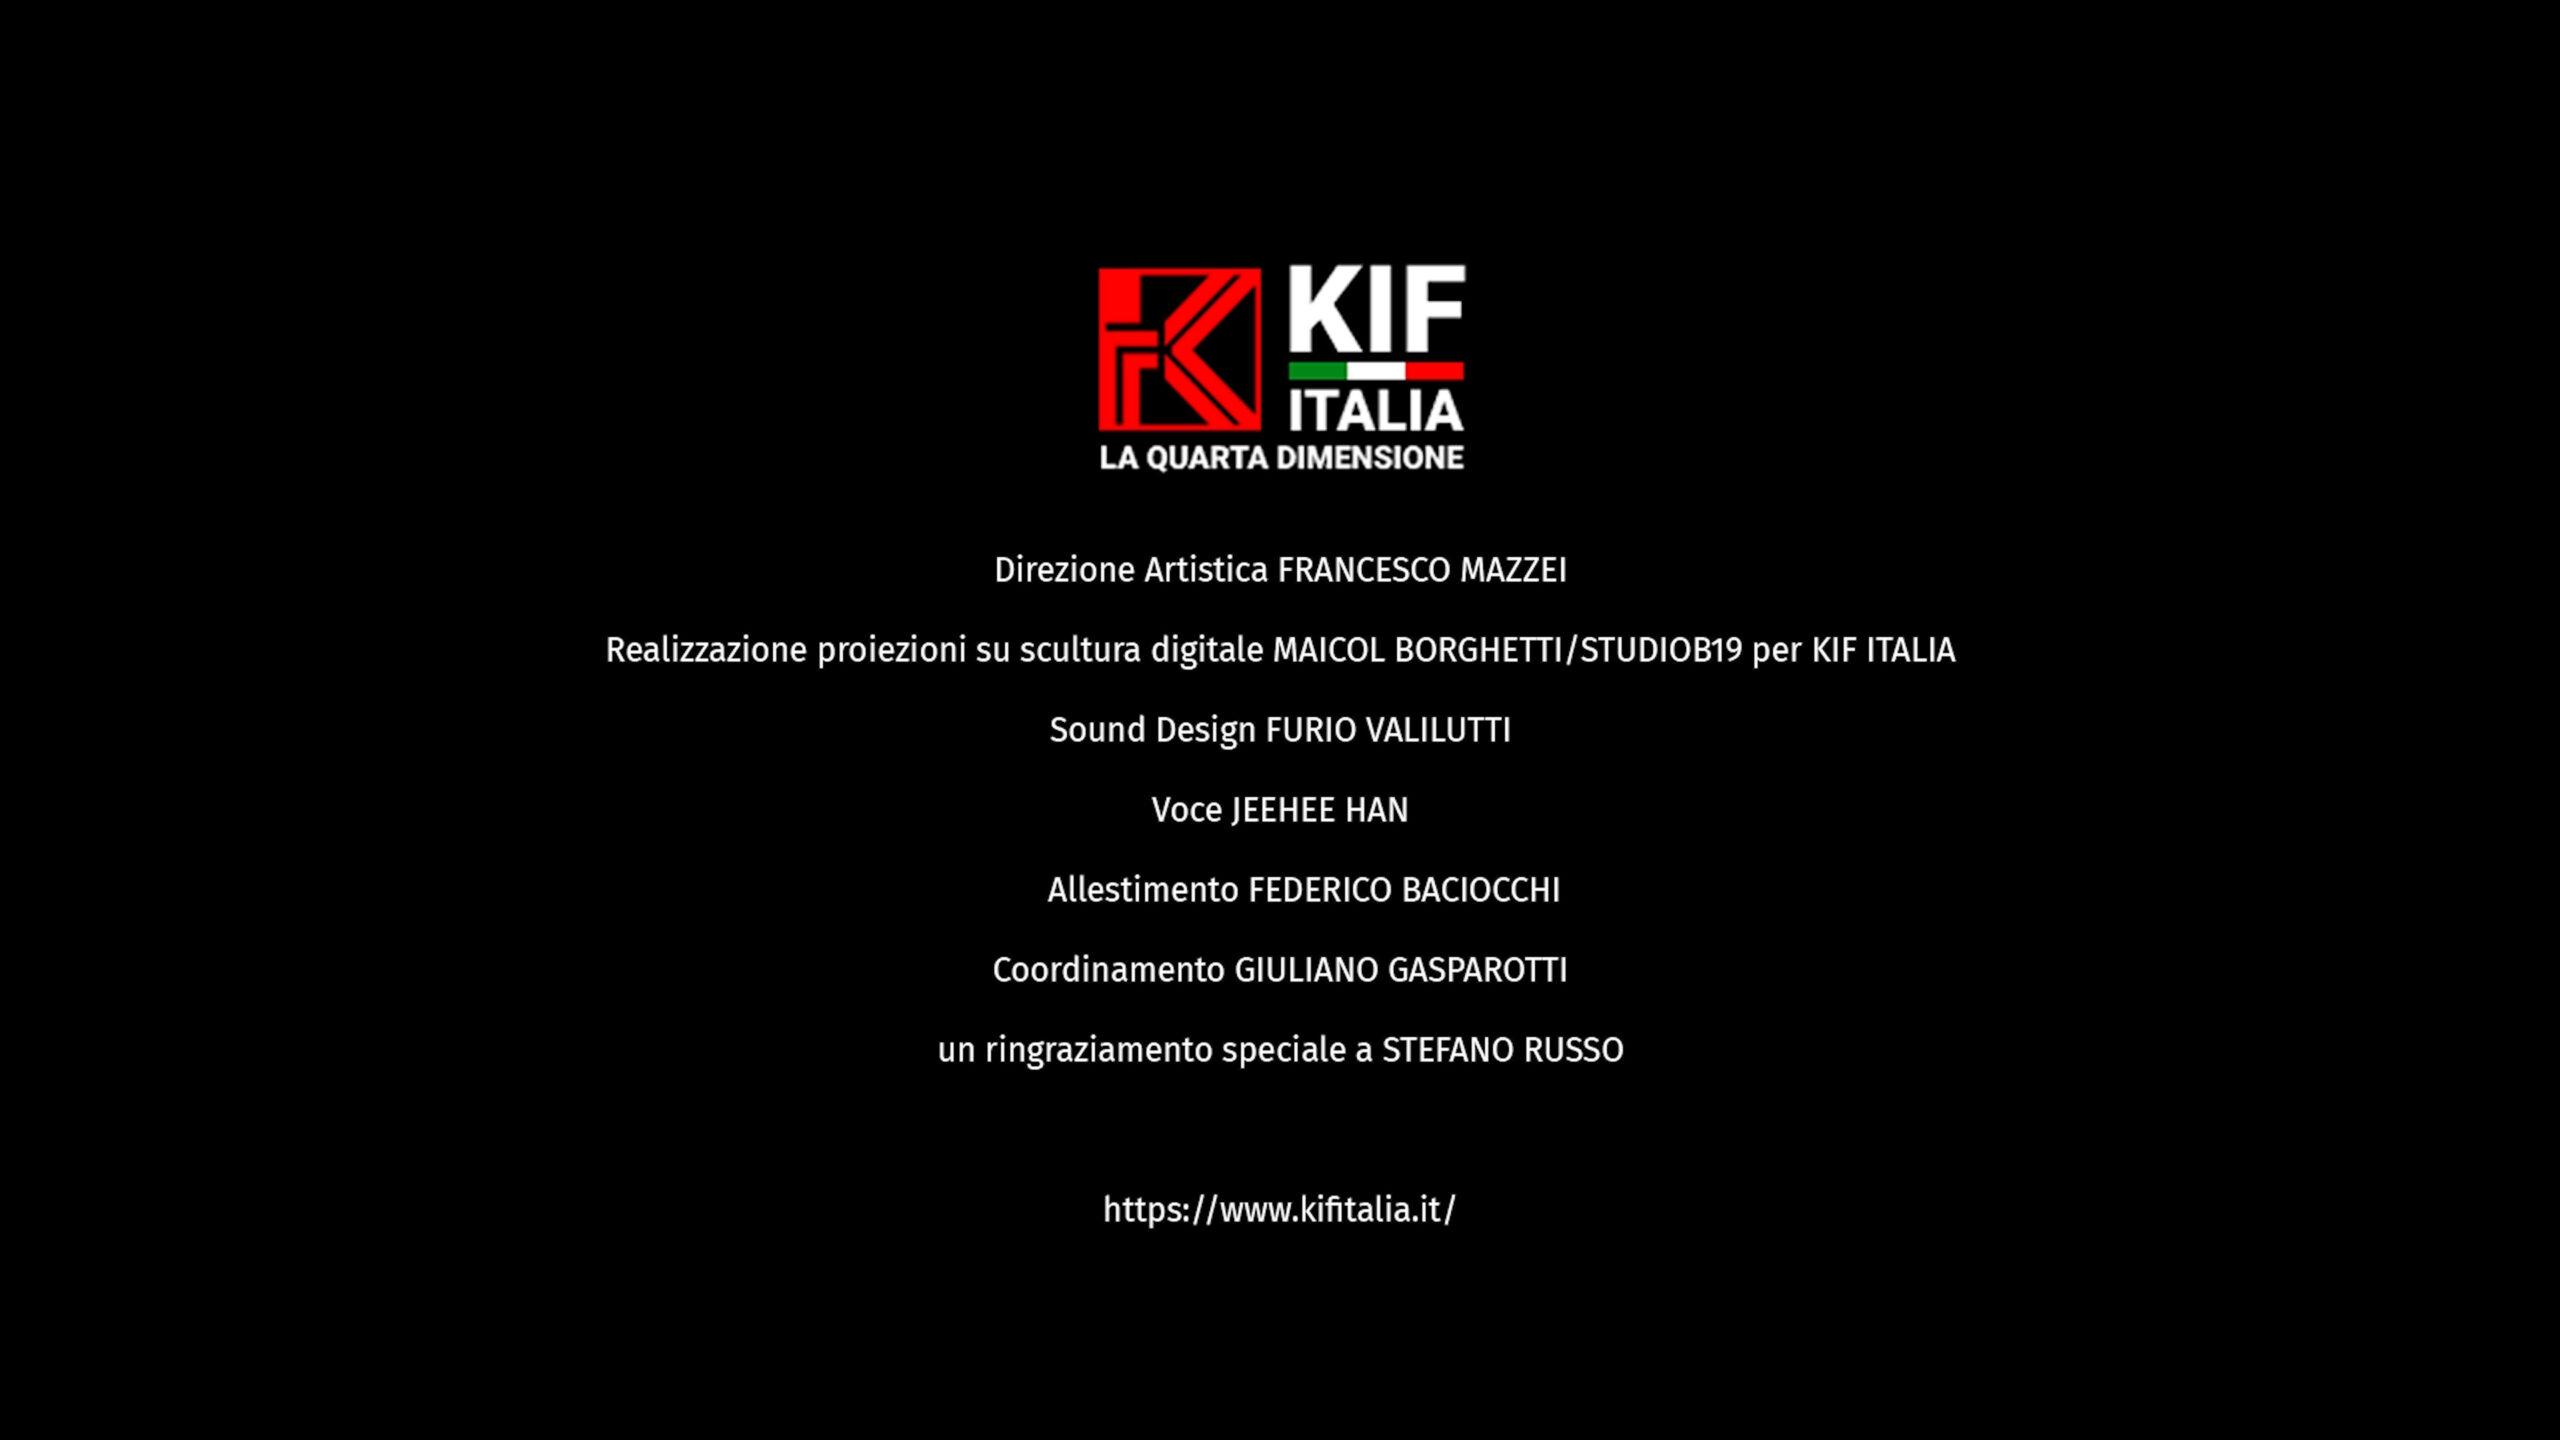 proiezione-scultura-digitale-kif-italia-MUSA-Pietrasanta-Studio_B19